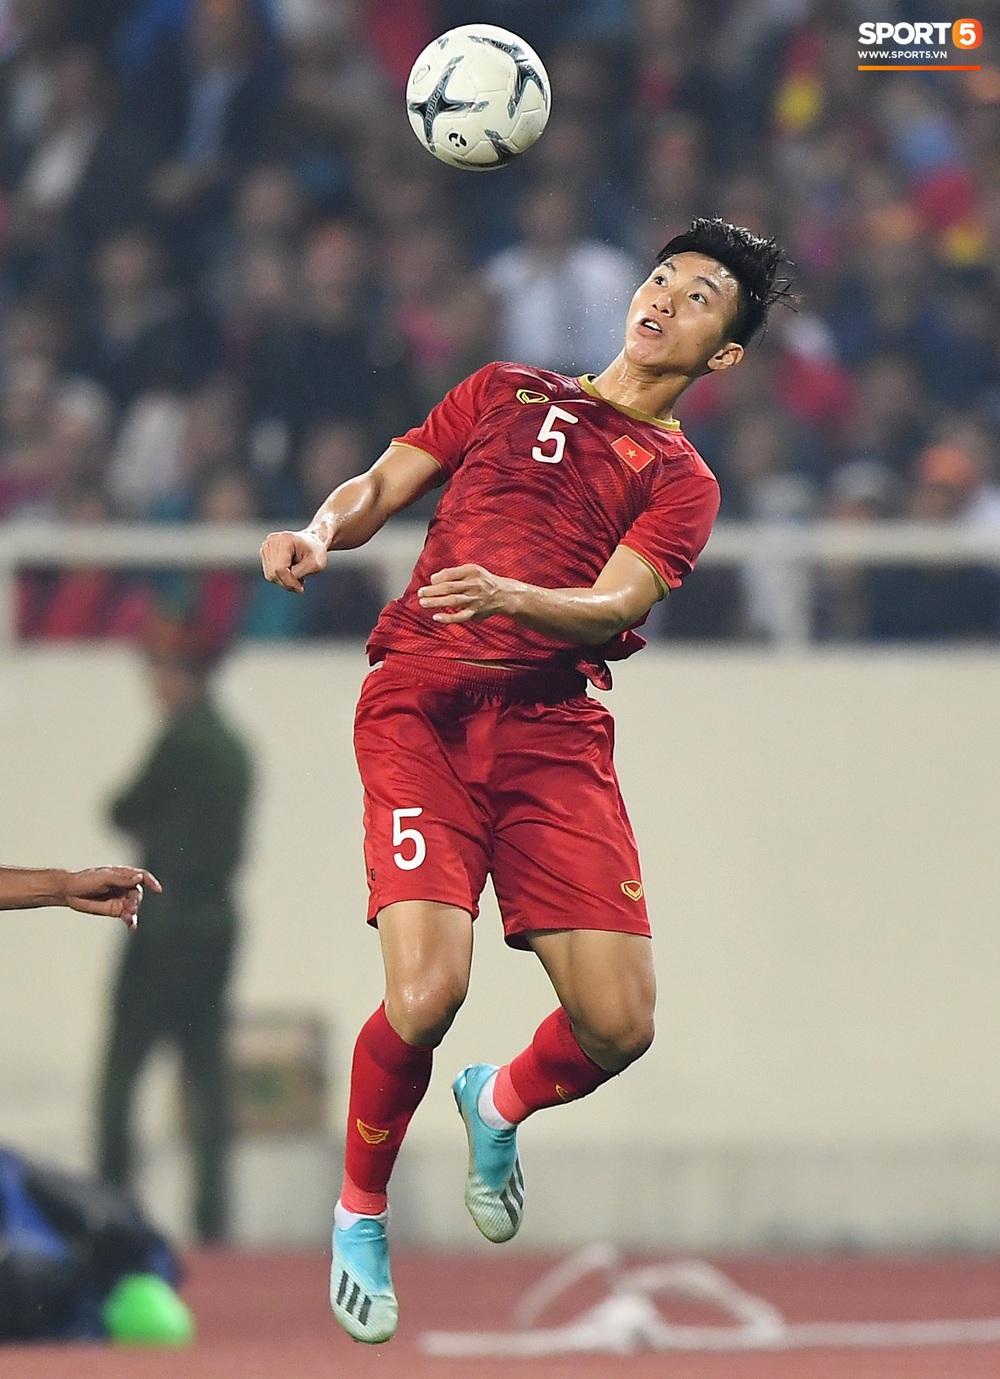 Văn Hậu hóa người khổng lồ, đè bẹp các cầu thủ UAE trong cuộc đọ sức tại Vòng loại World Cup 2022 - Ảnh 9.